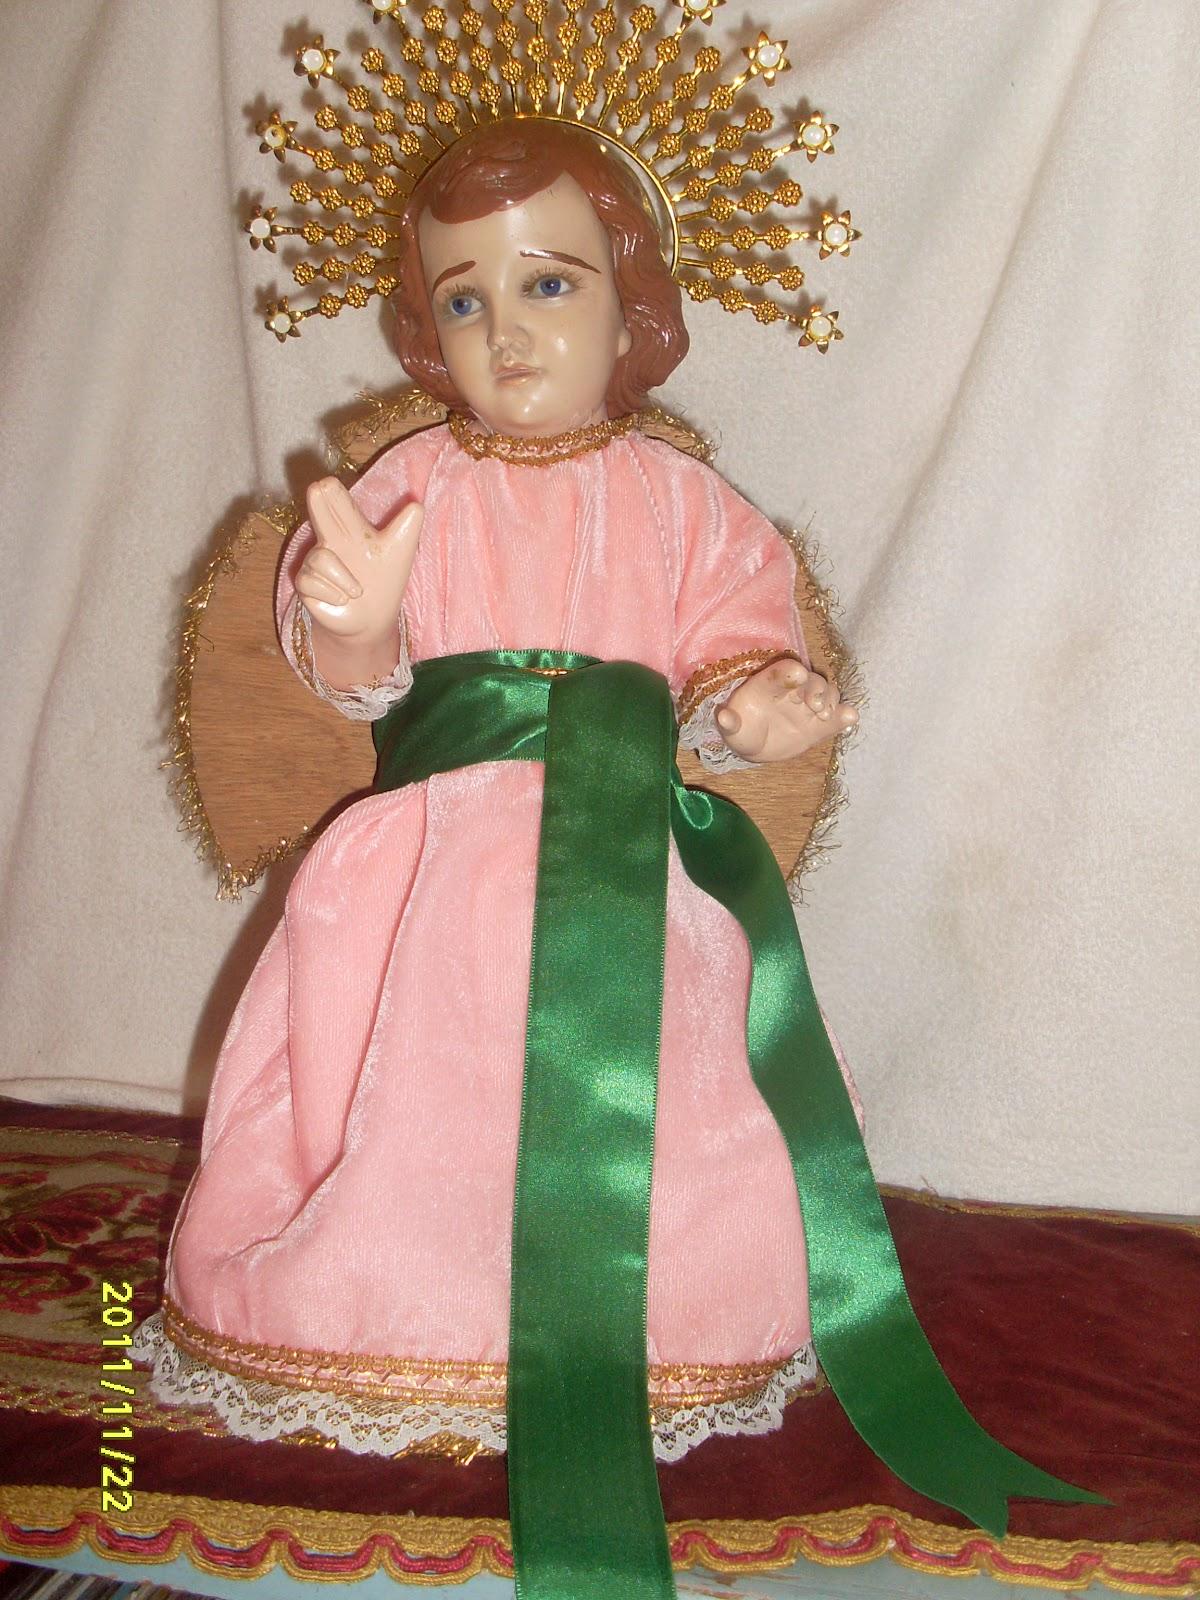 Un Para Nino Dios Vestido Como Hacer Sencillo